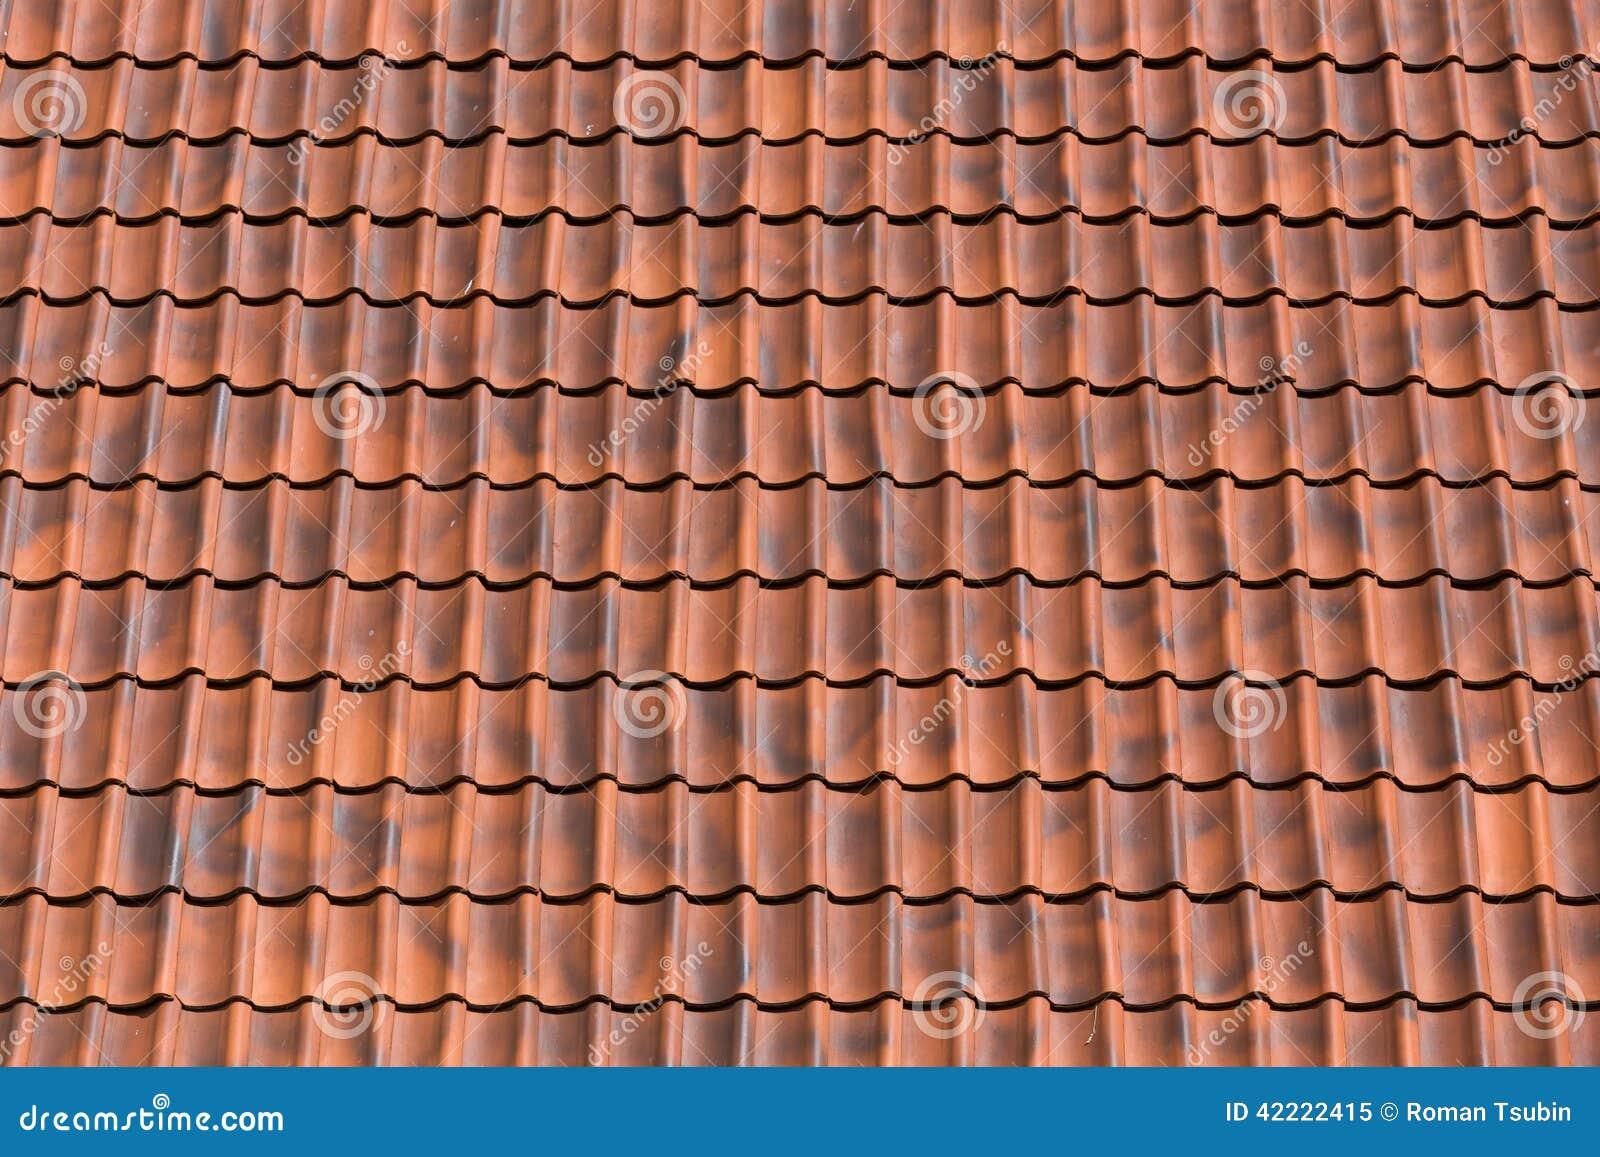 Fondo del tejado de tejas rojas foto de archivo imagen - Dibujos de tejados ...